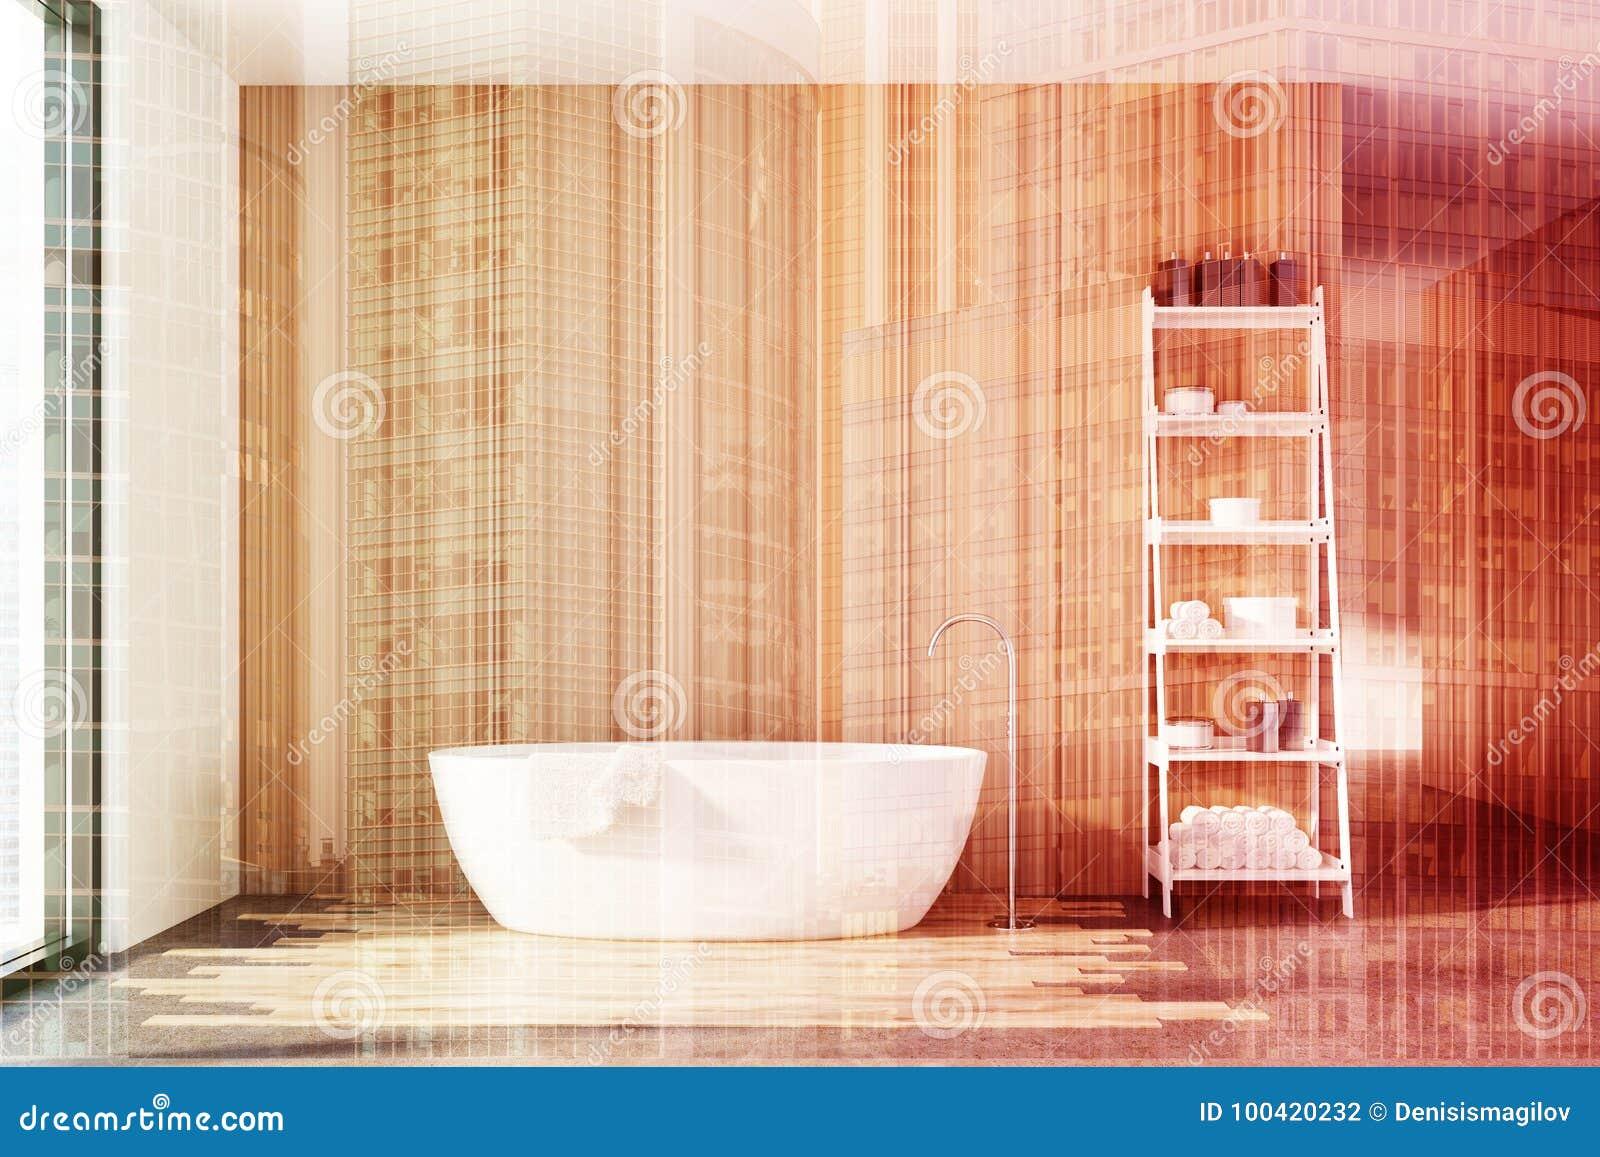 Wooden Bathroom, White Tub, Shelves Double Stock Illustration ...